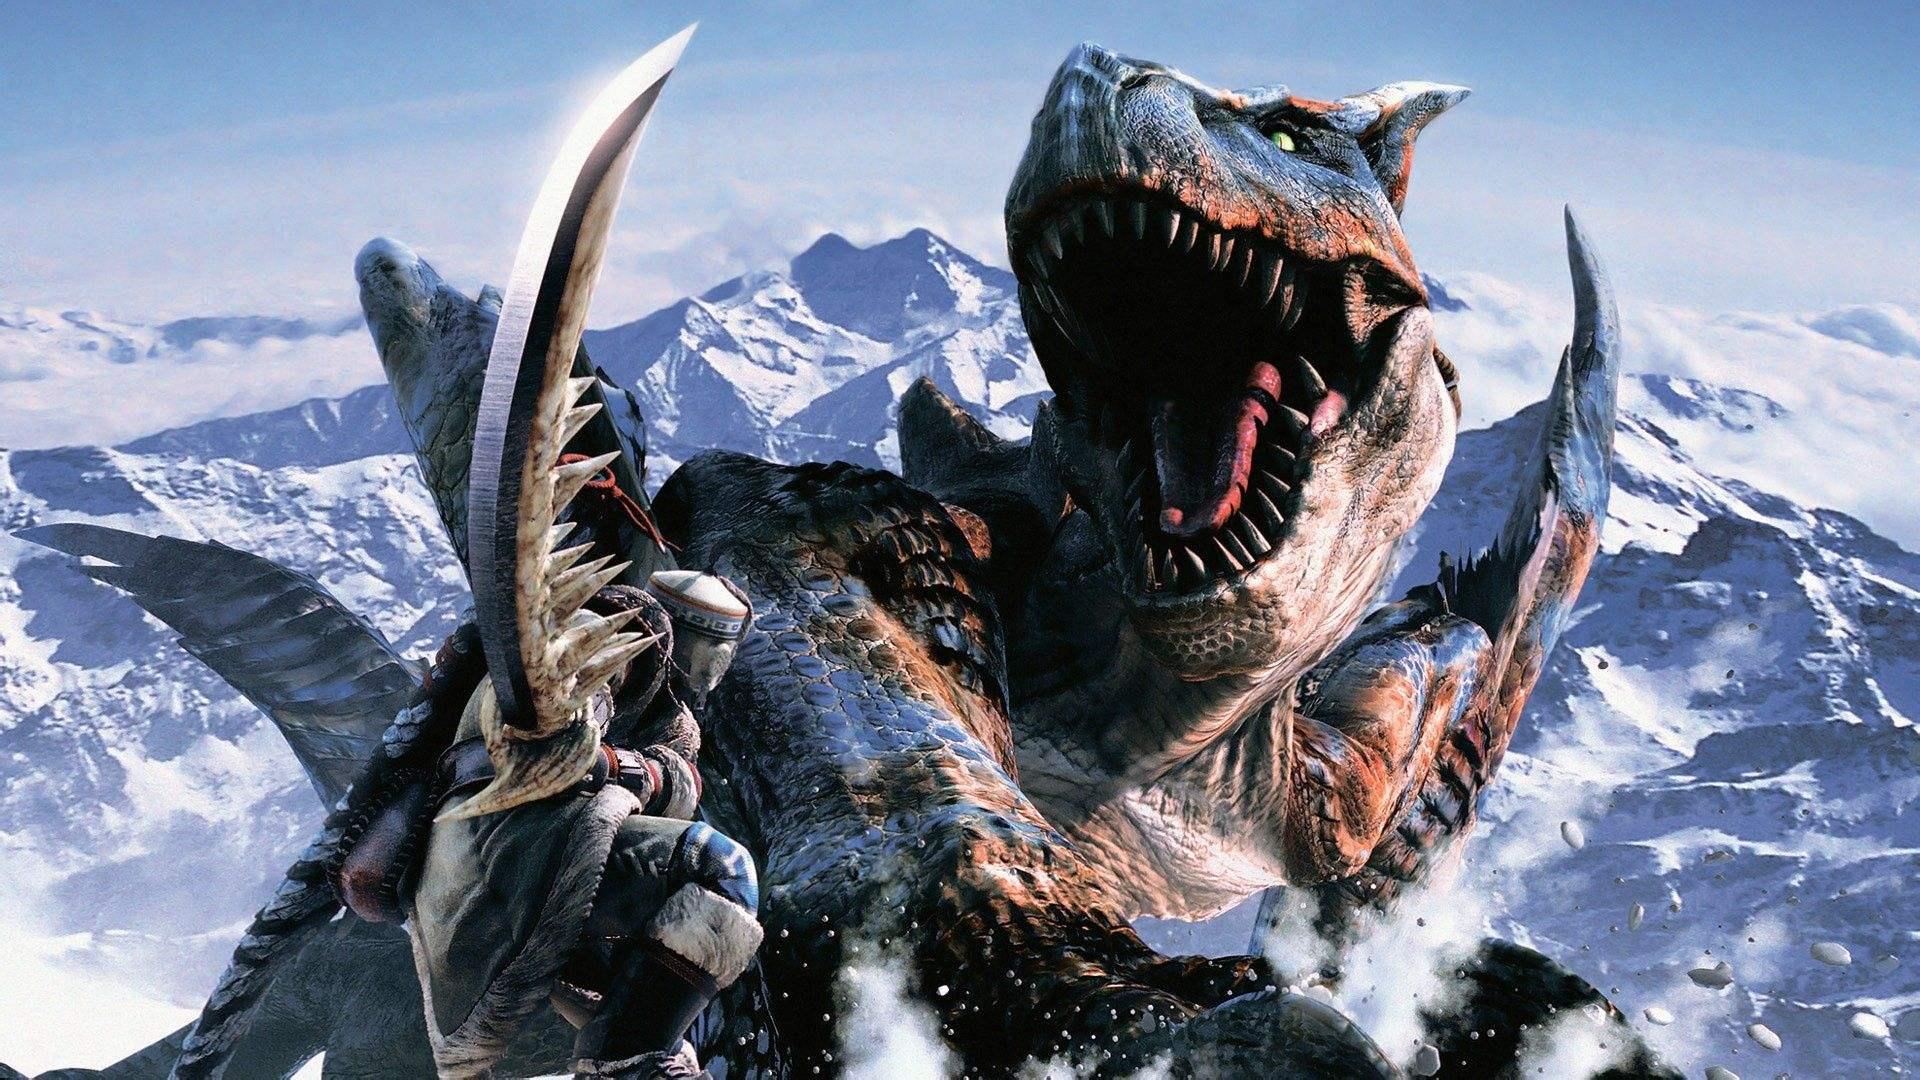 《怪物猎人:世界》明年1月26日发售 限定PS4 Pro公布-烽巢网